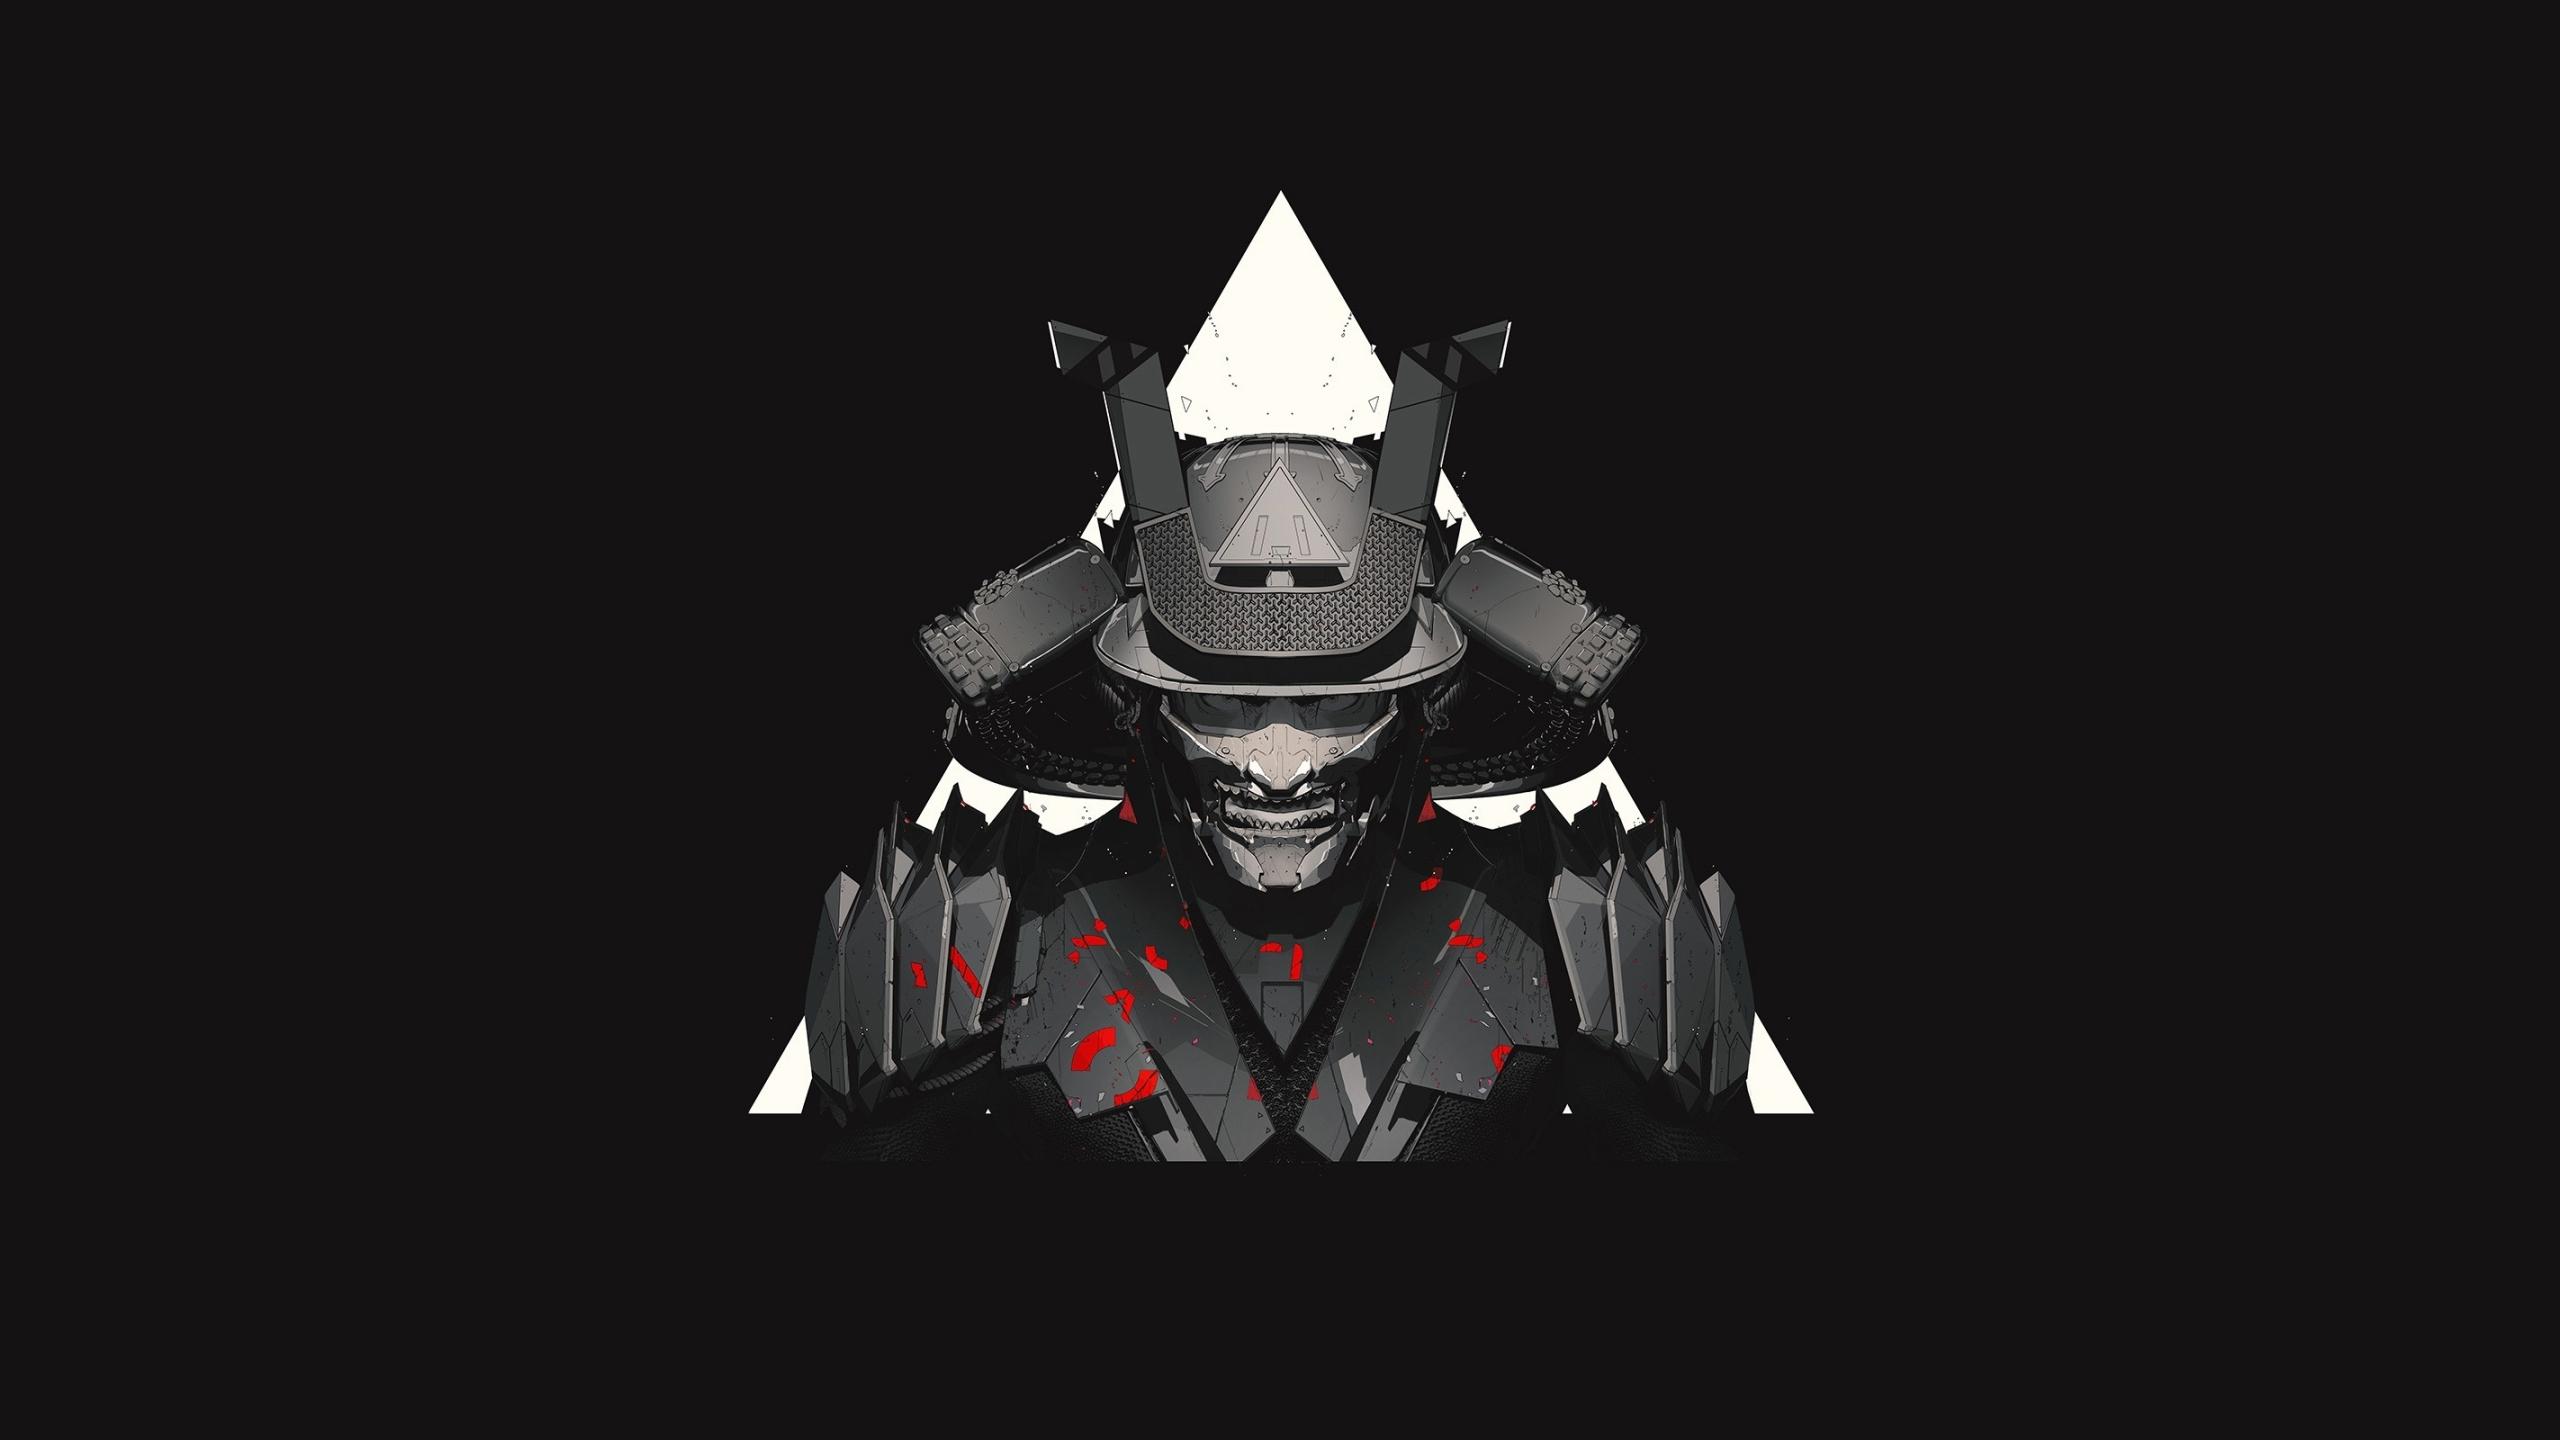 2560x1440 Samurai Minimal Fantasy 1440P